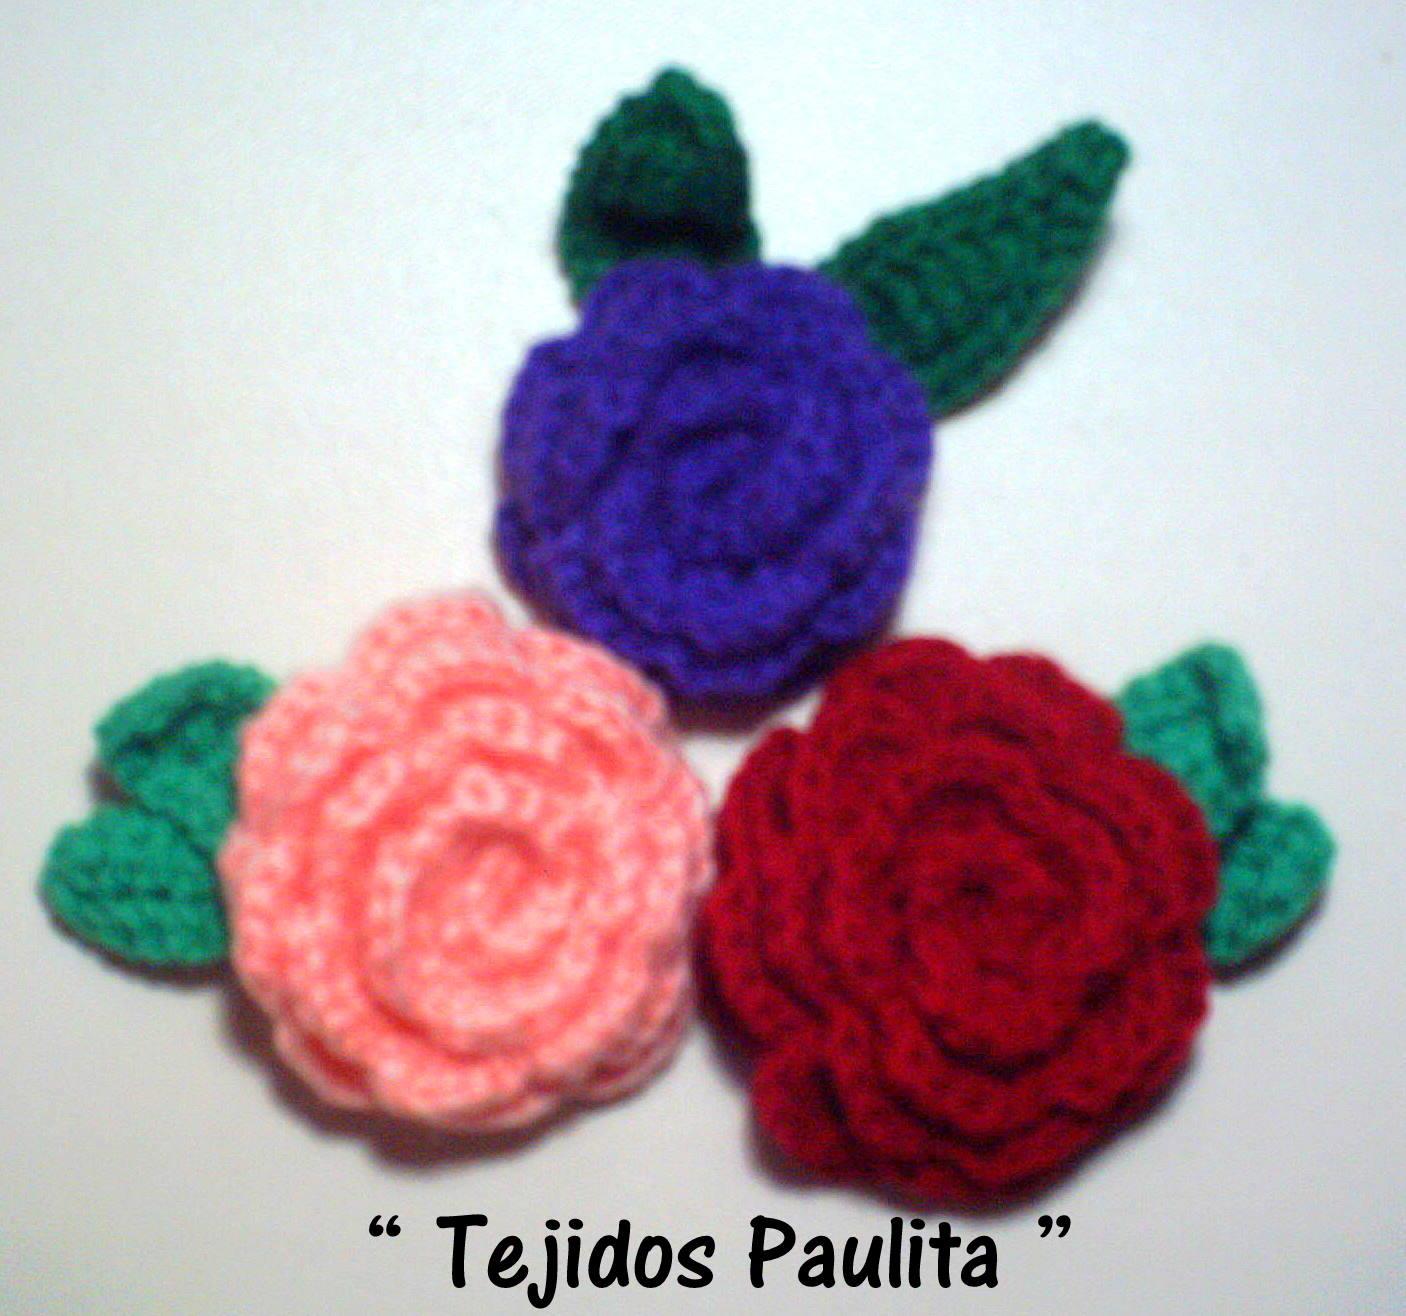 Tejidos Paulita